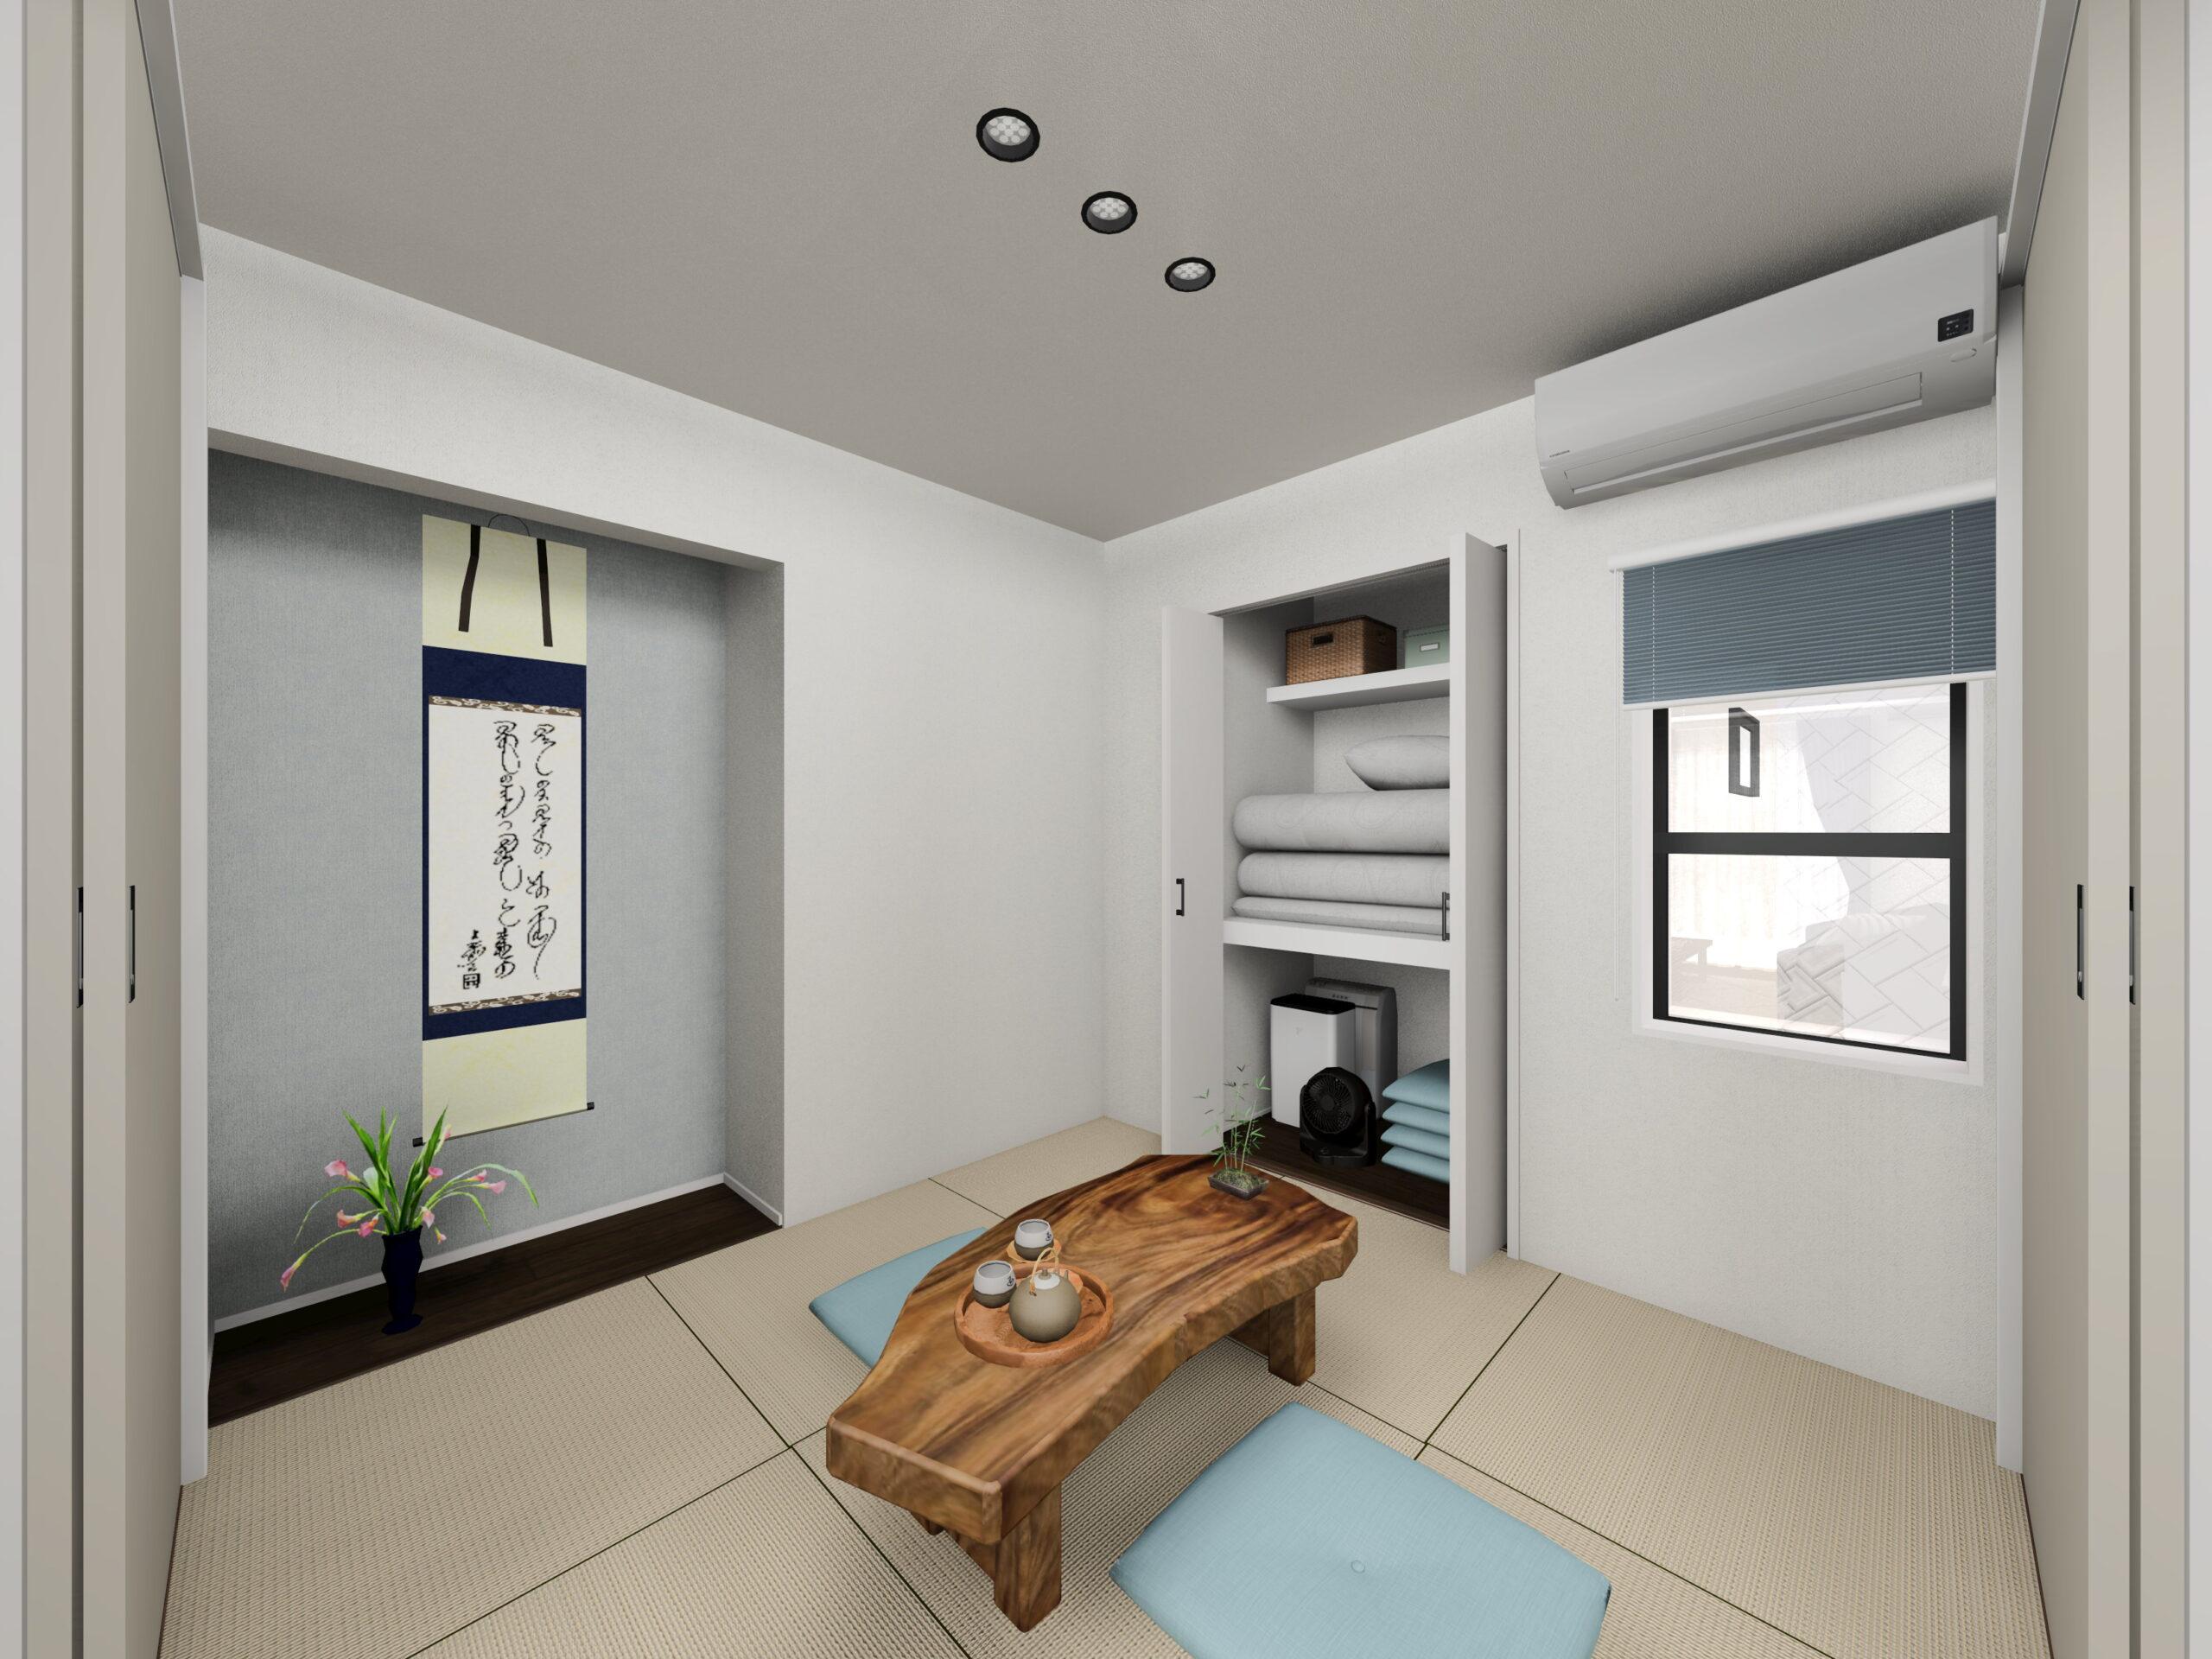 武雄市武雄町新築建売住宅「OURS甘久 3号地」和室パース